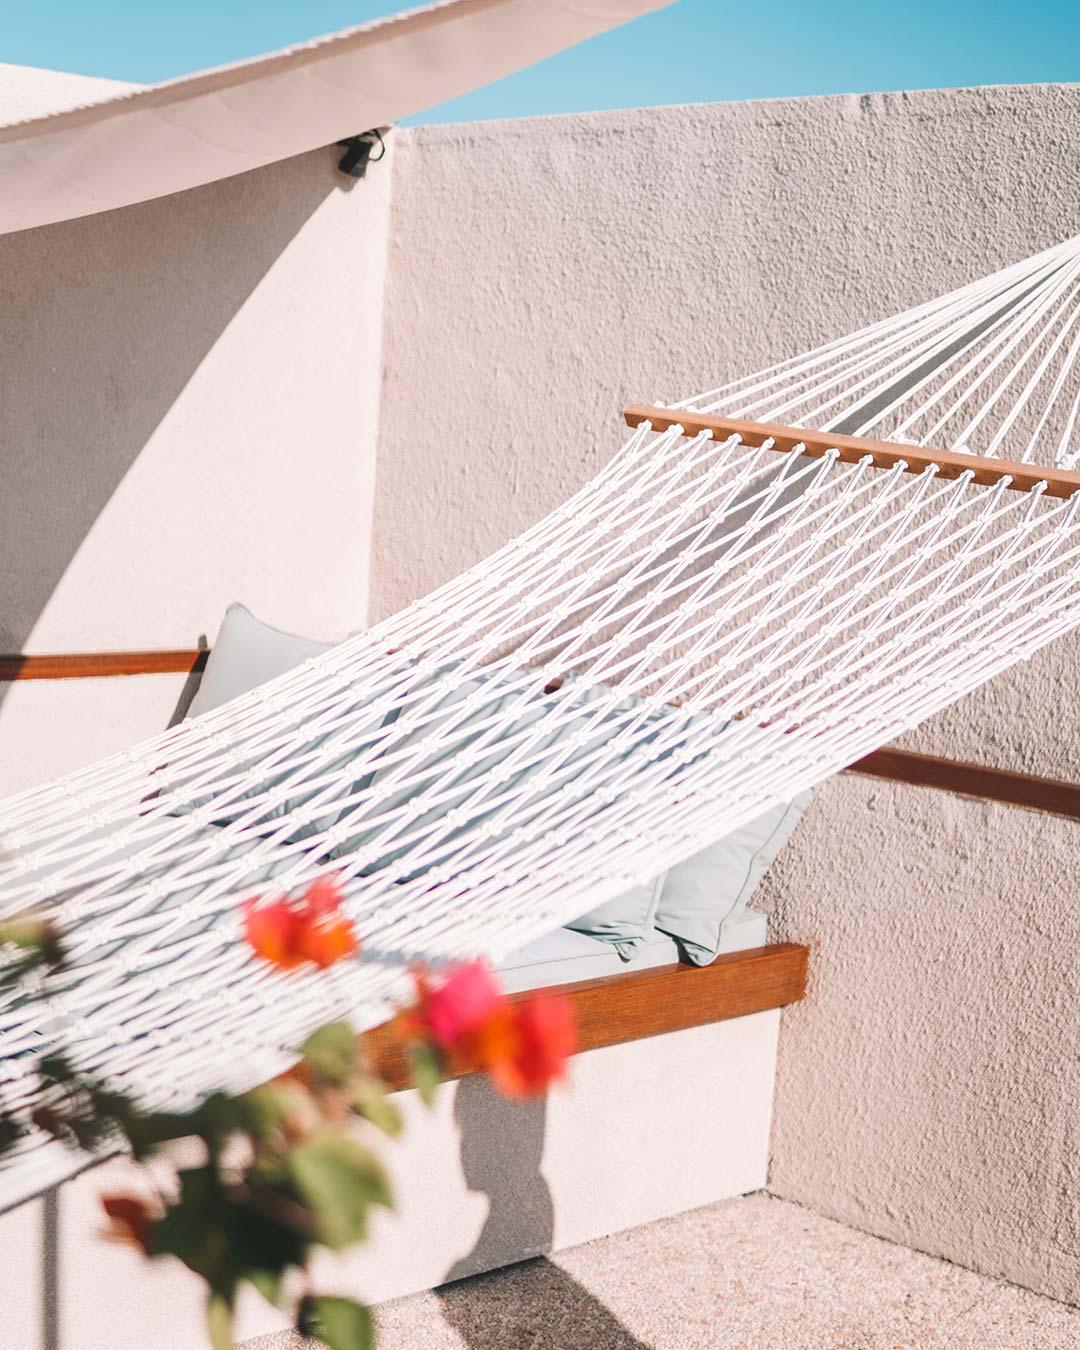 Ayona Villa Rooftop Lounge in Seminyak Bali